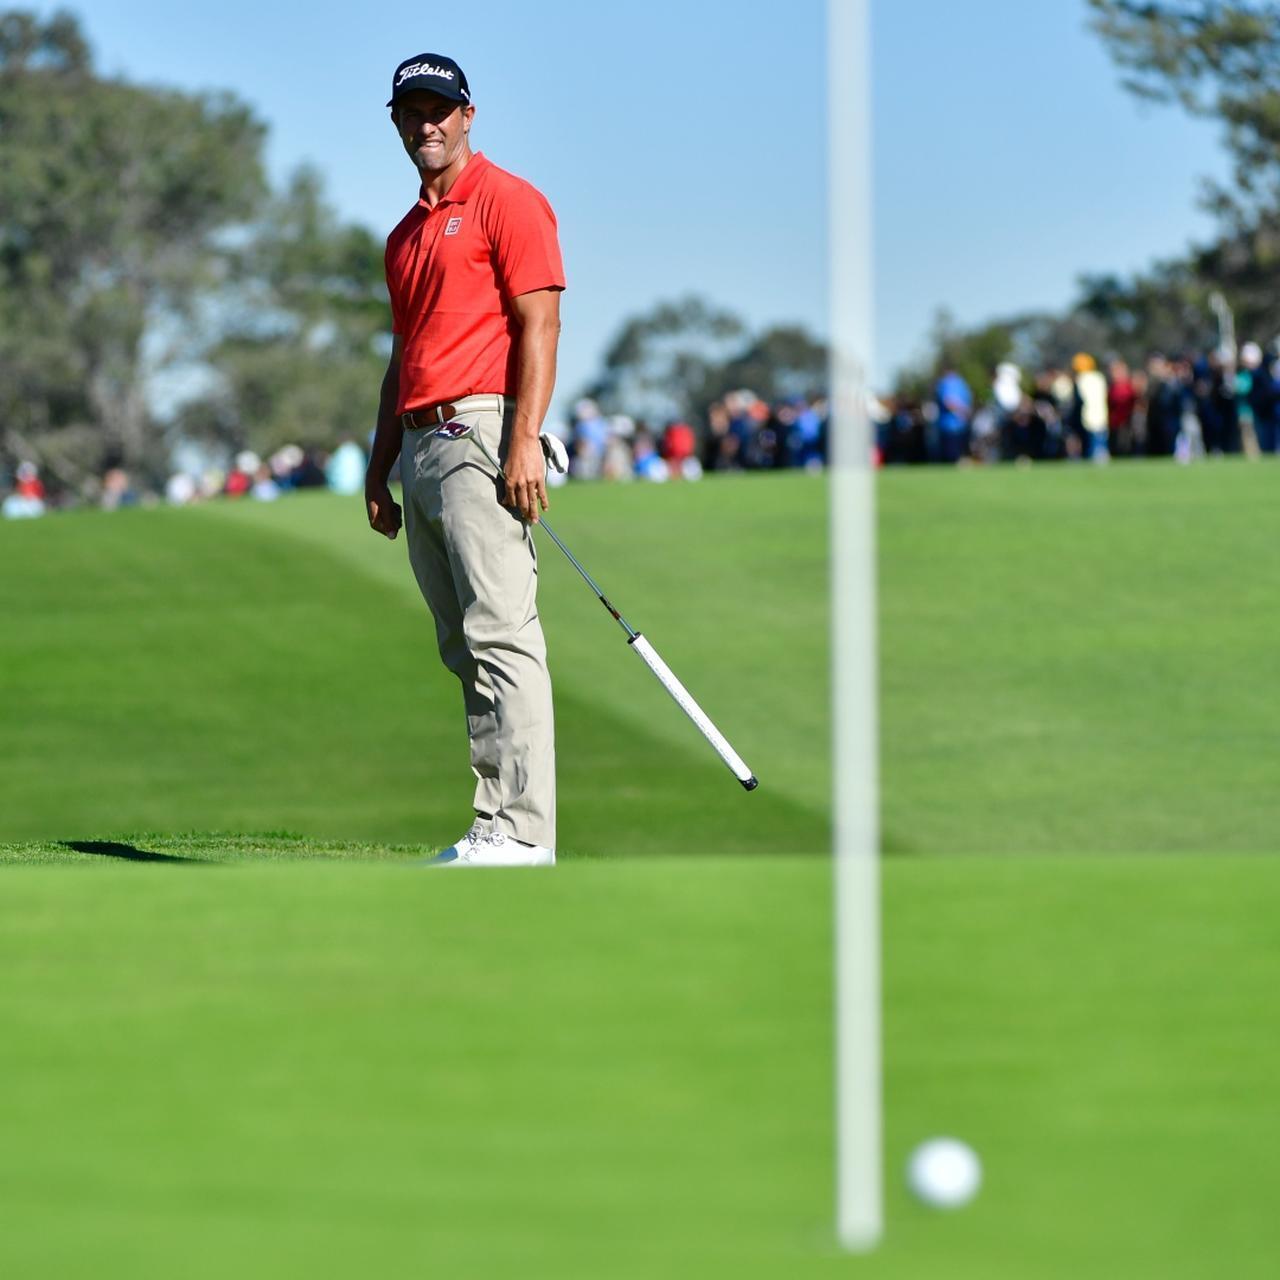 画像: 「ゴルフ界が笑いものになっている」アダム・スコットが新ルールに物申す - みんなのゴルフダイジェスト